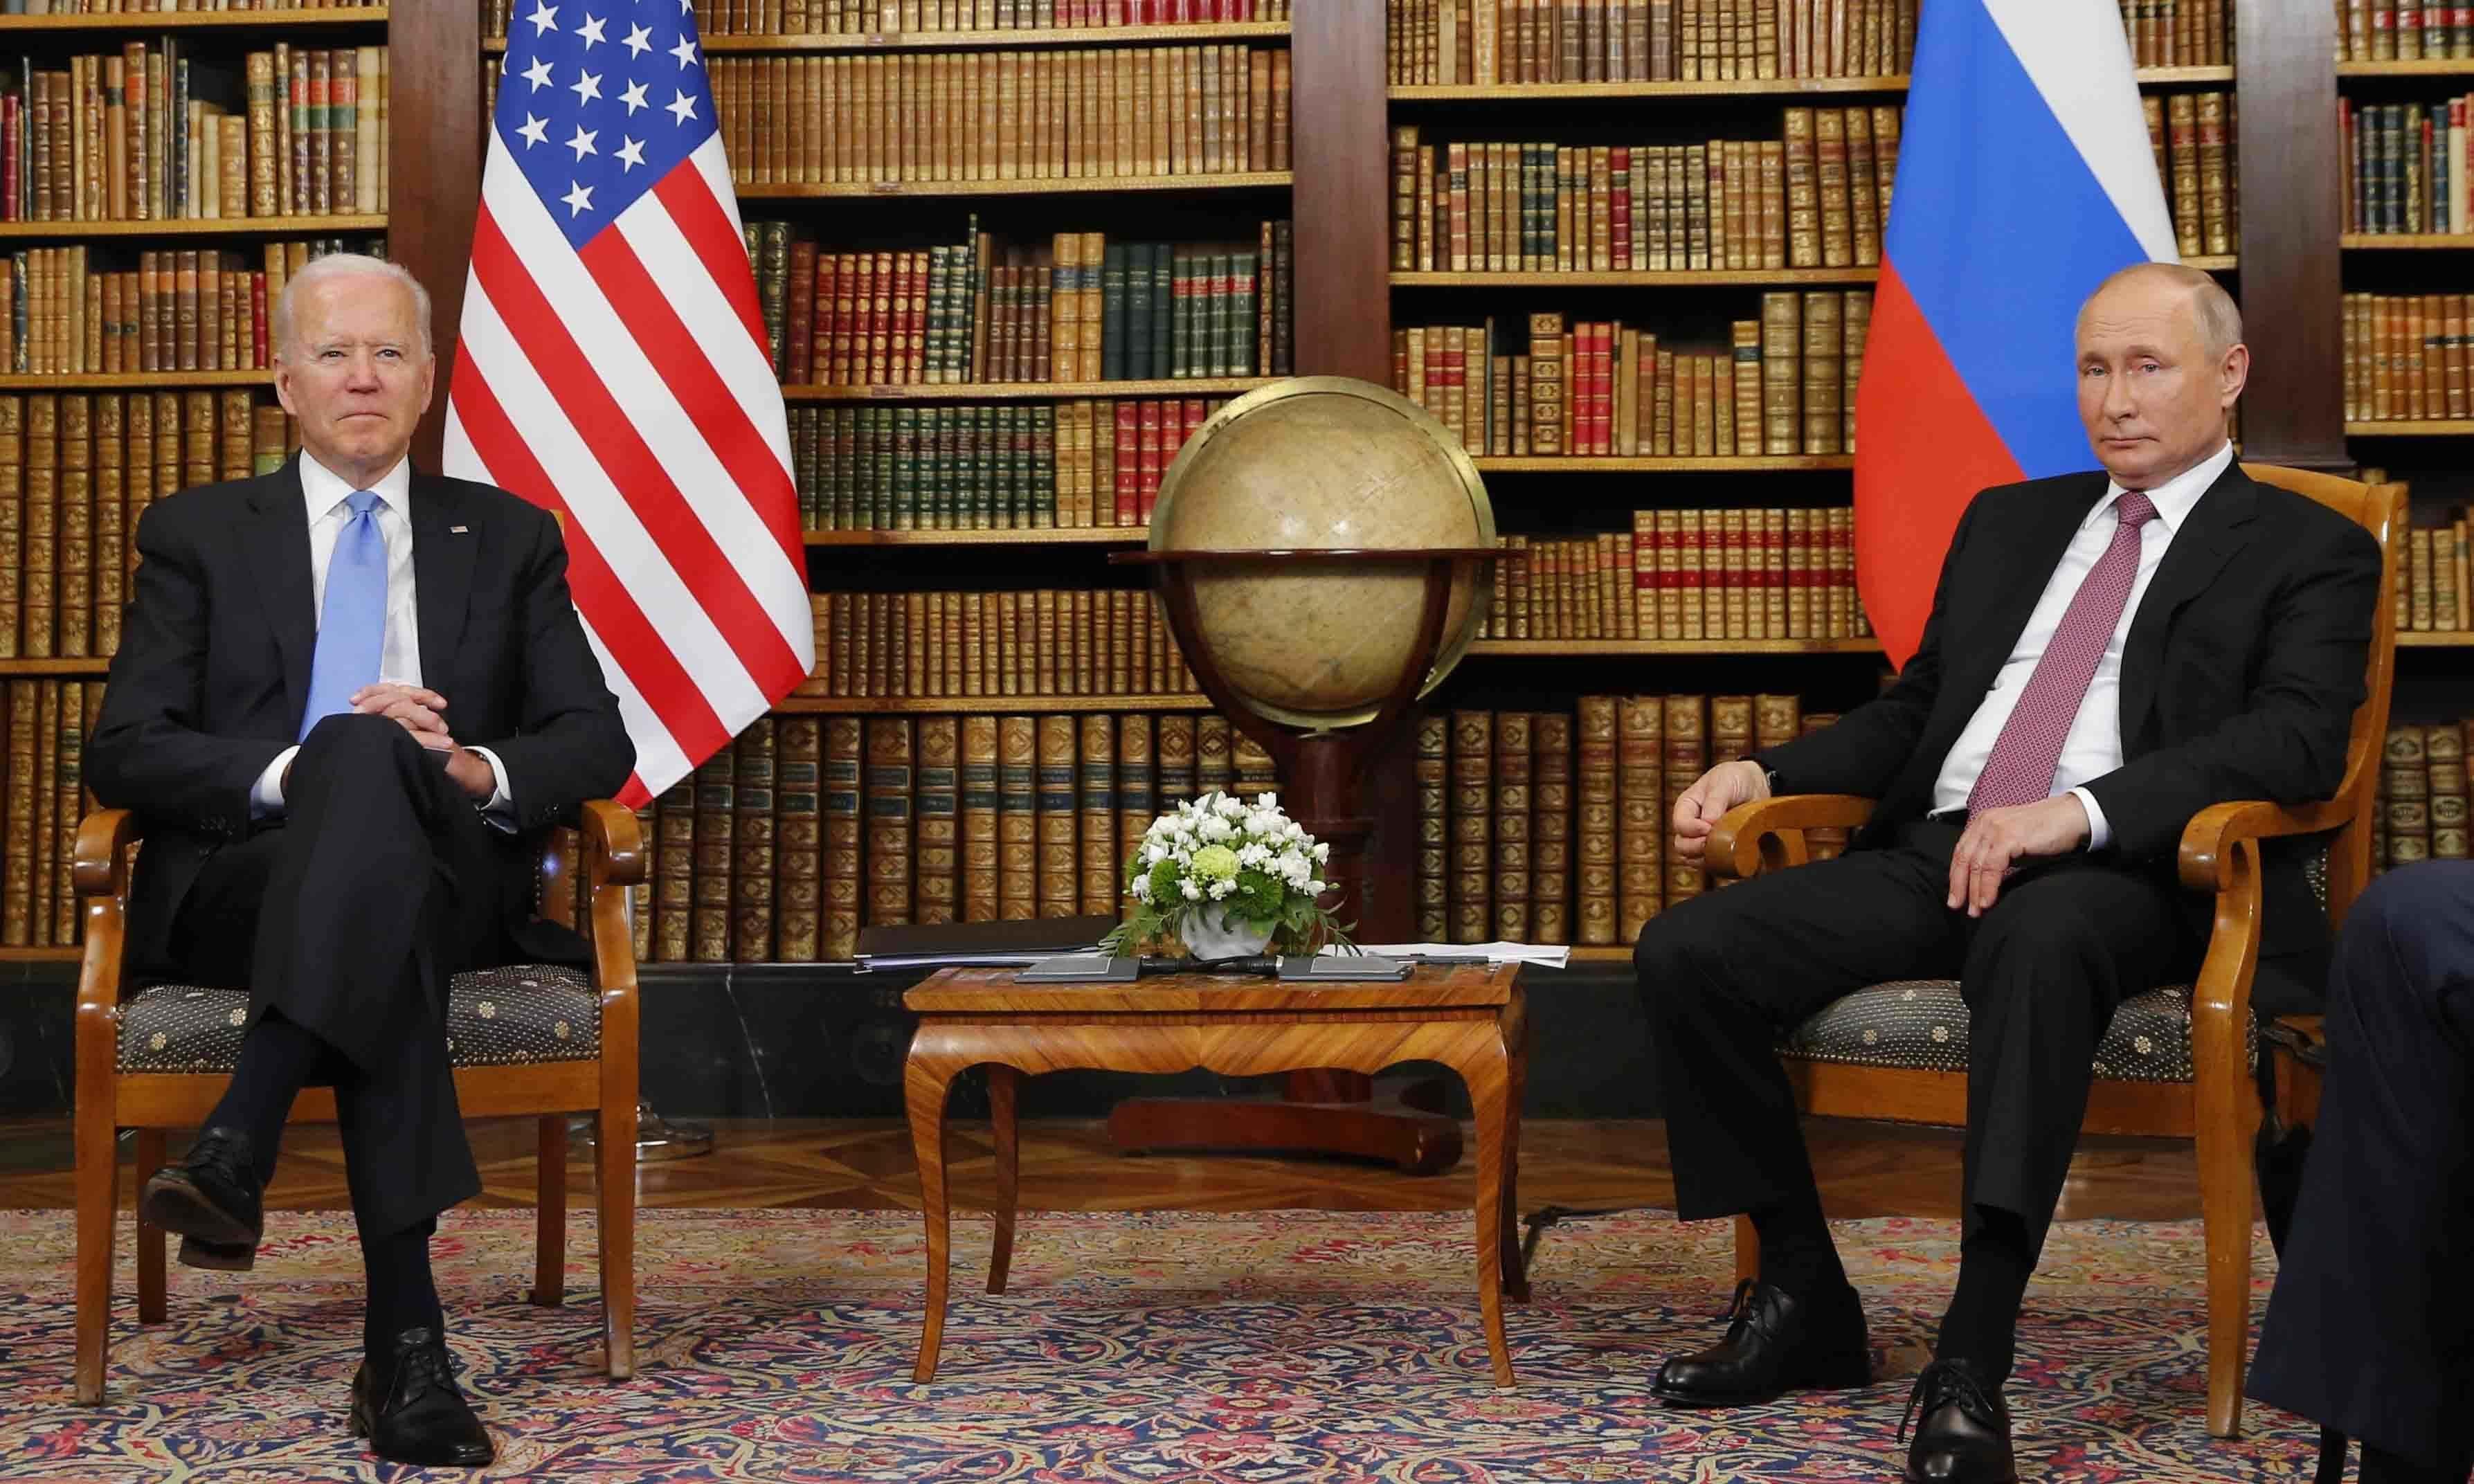 امریکی و روسی صدور کی جنیوا میں ملاقات، سفرا کی واپسی پر اتفاق